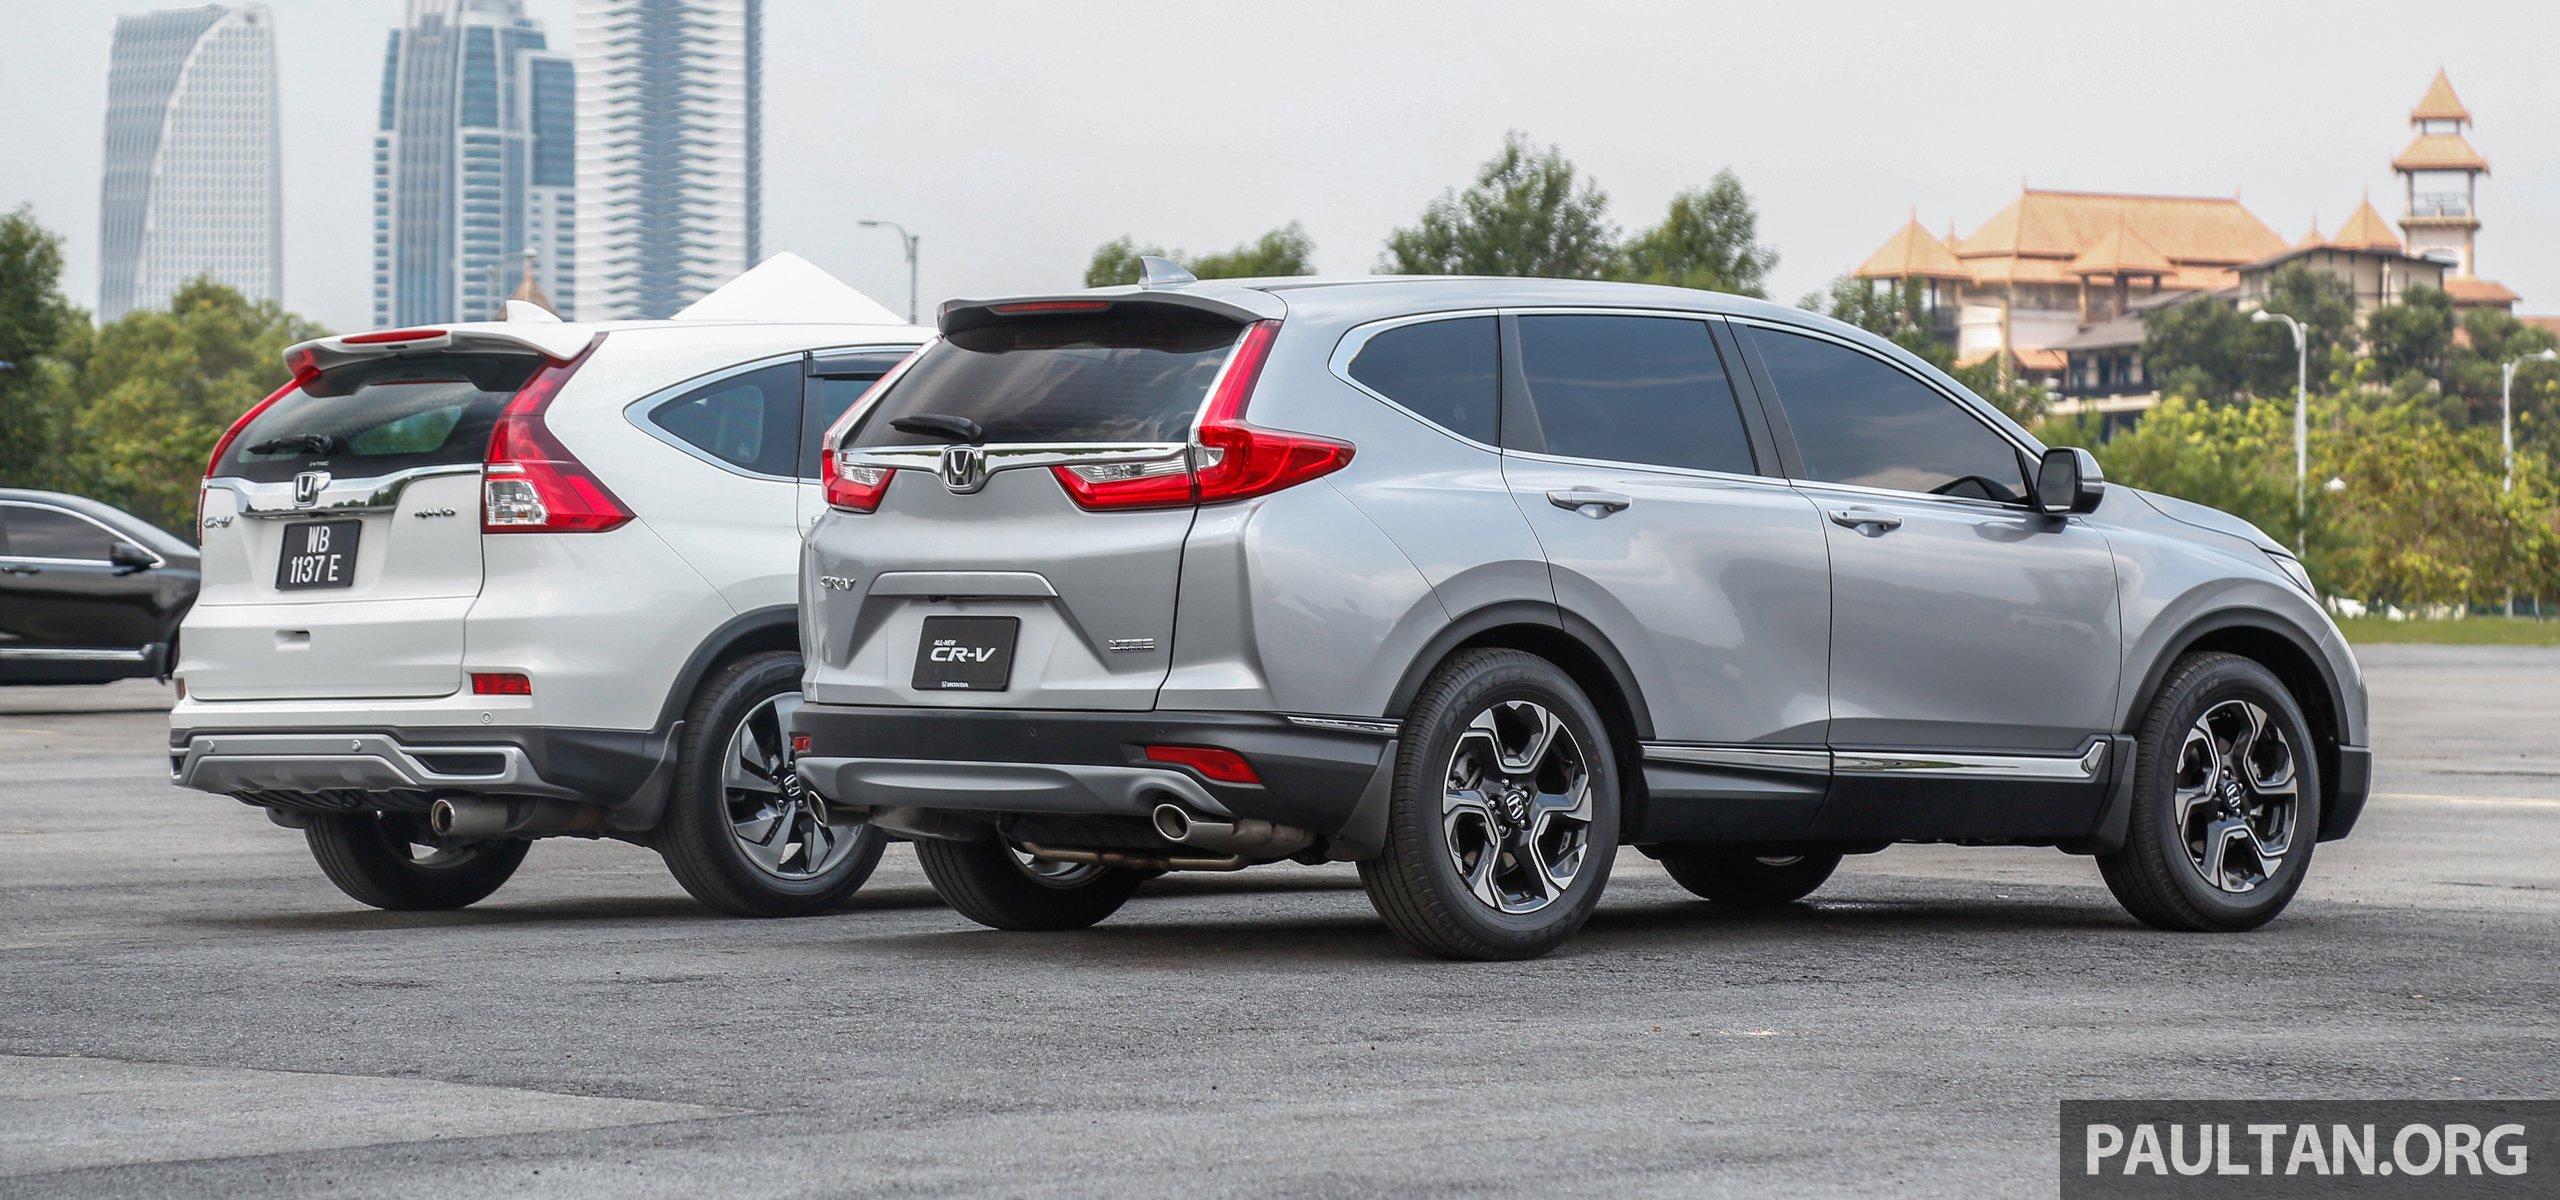 Gallery honda cr v new 1 5l turbo vs old 2 4l for Honda crv 2017 model